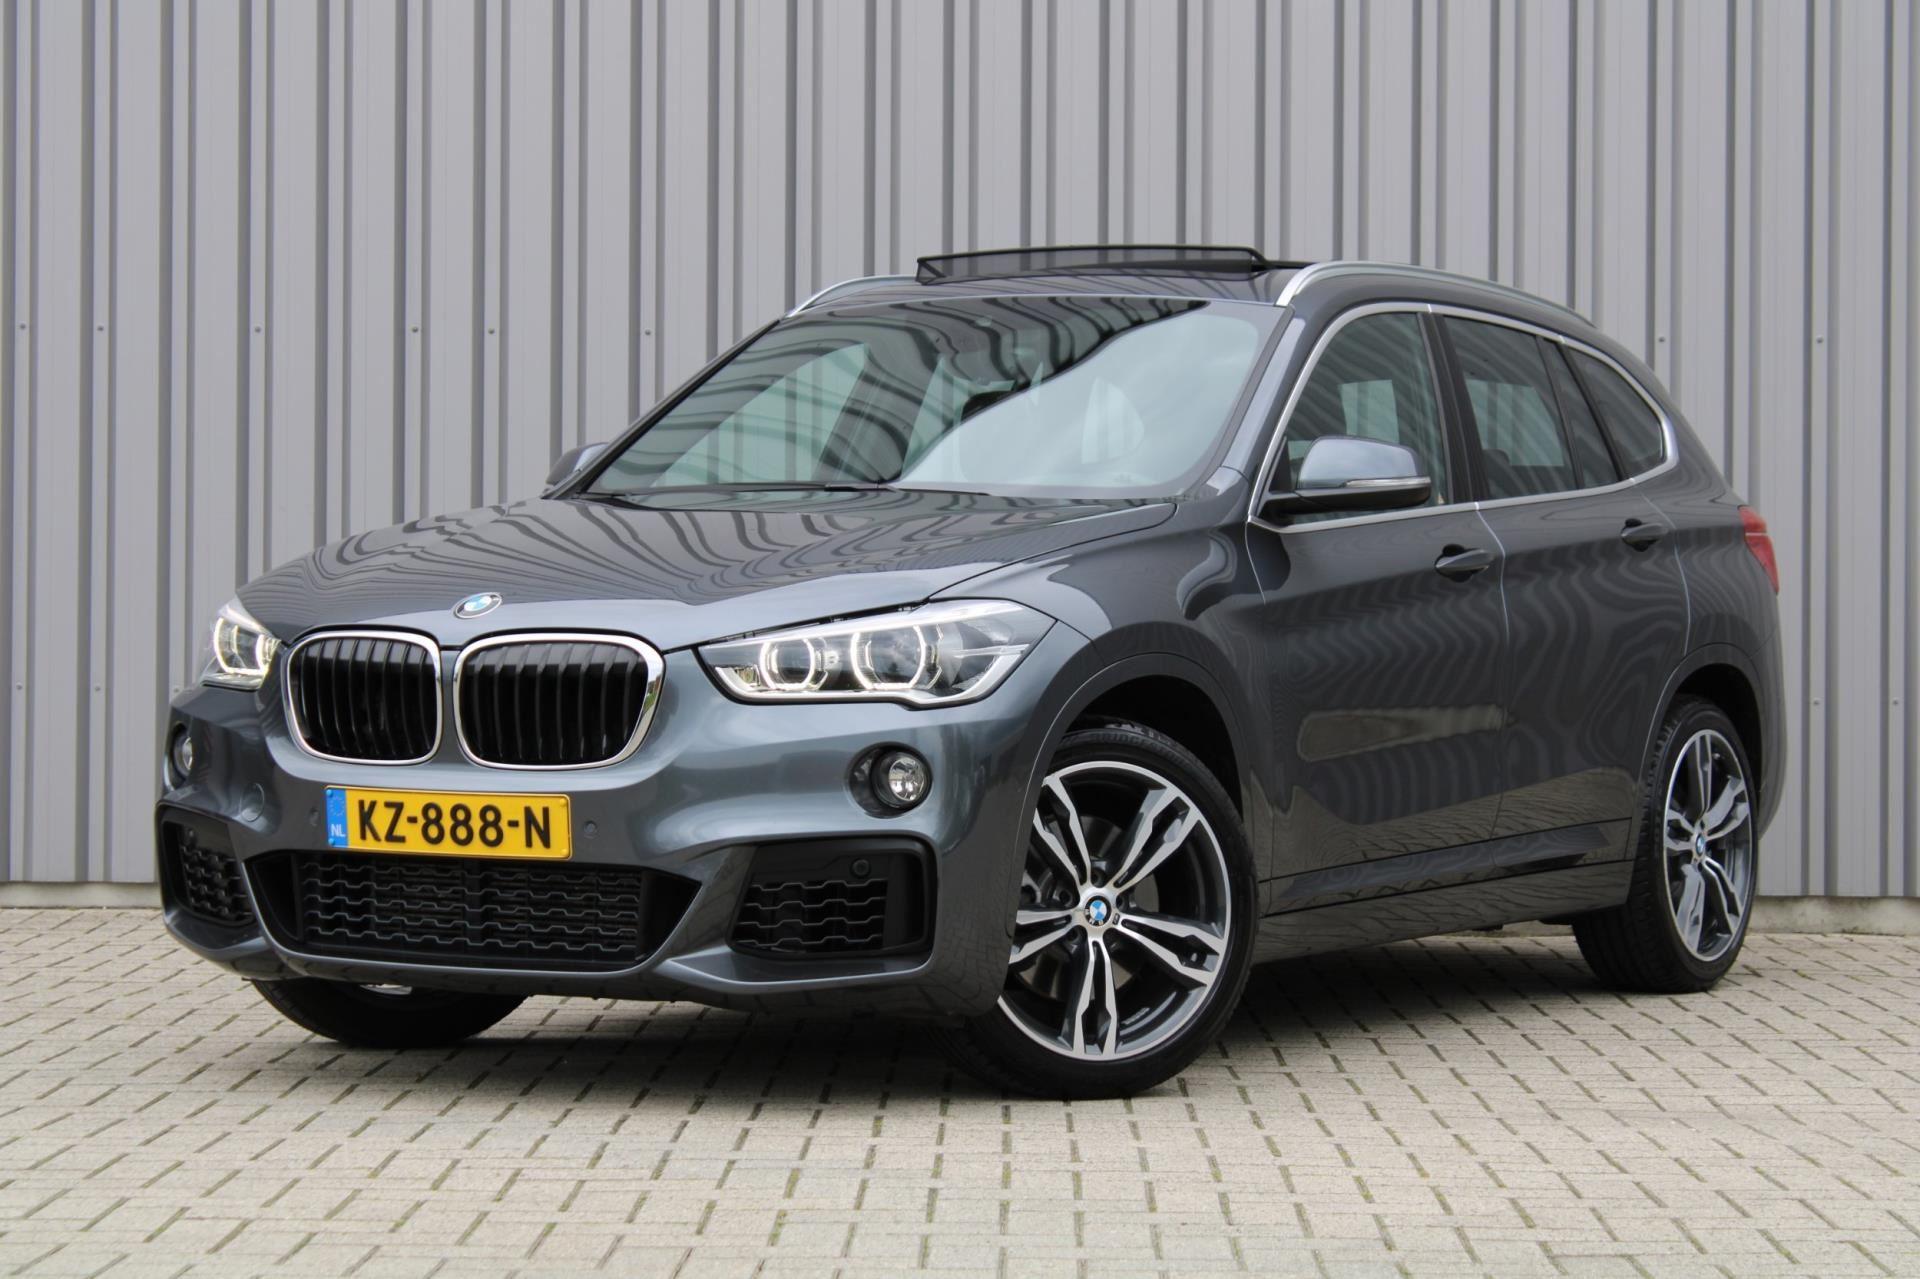 BMW X1 occasion - Autobedrijf Van De Klundert